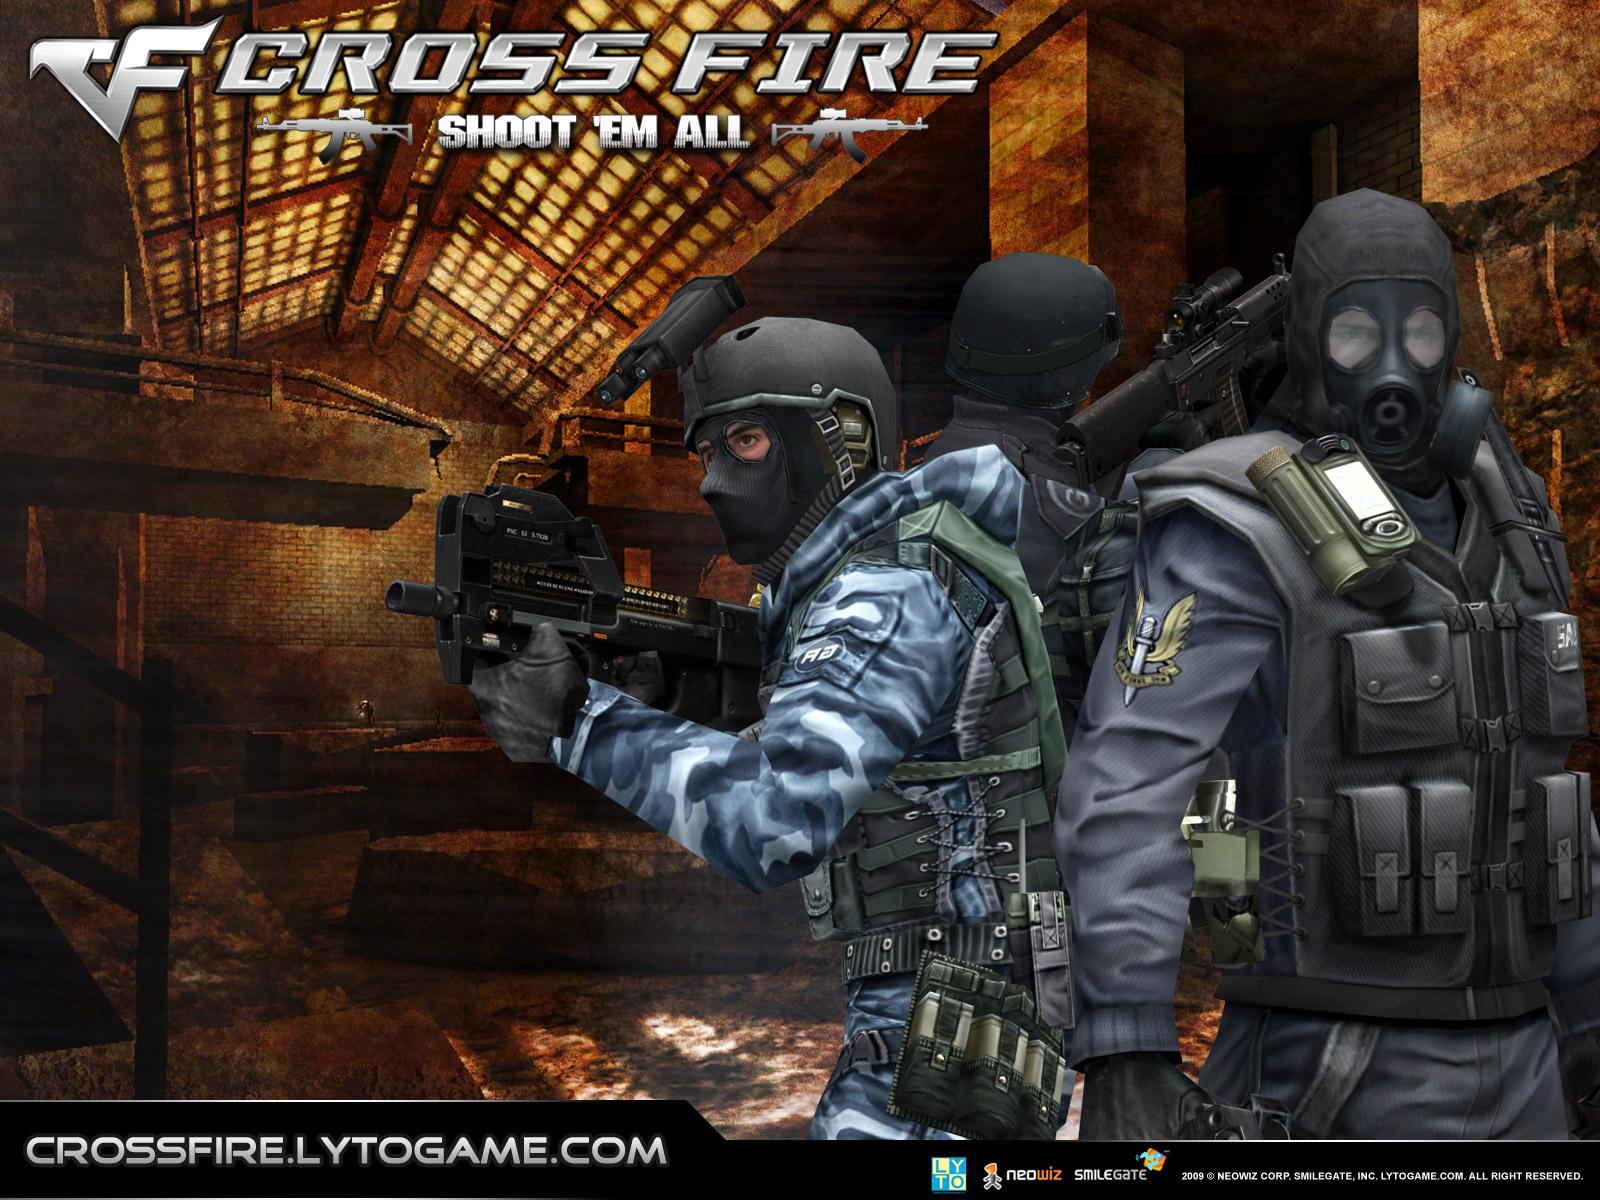 http://3.bp.blogspot.com/-PSjdg8xD35I/TnDz1vdfGyI/AAAAAAAAADk/Z5i6Uj4AP7c/s1600/CrossFire+Wallpaper+Game+Online.jpg